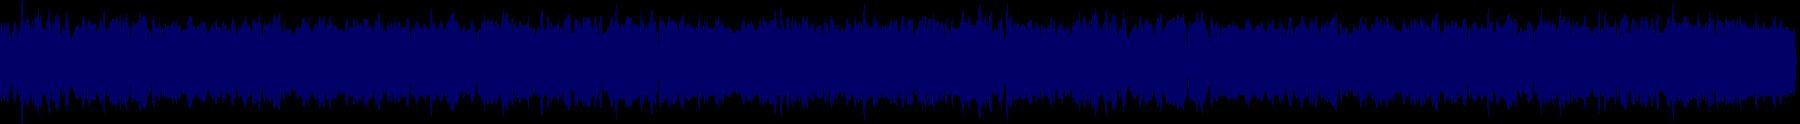 waveform of track #76594